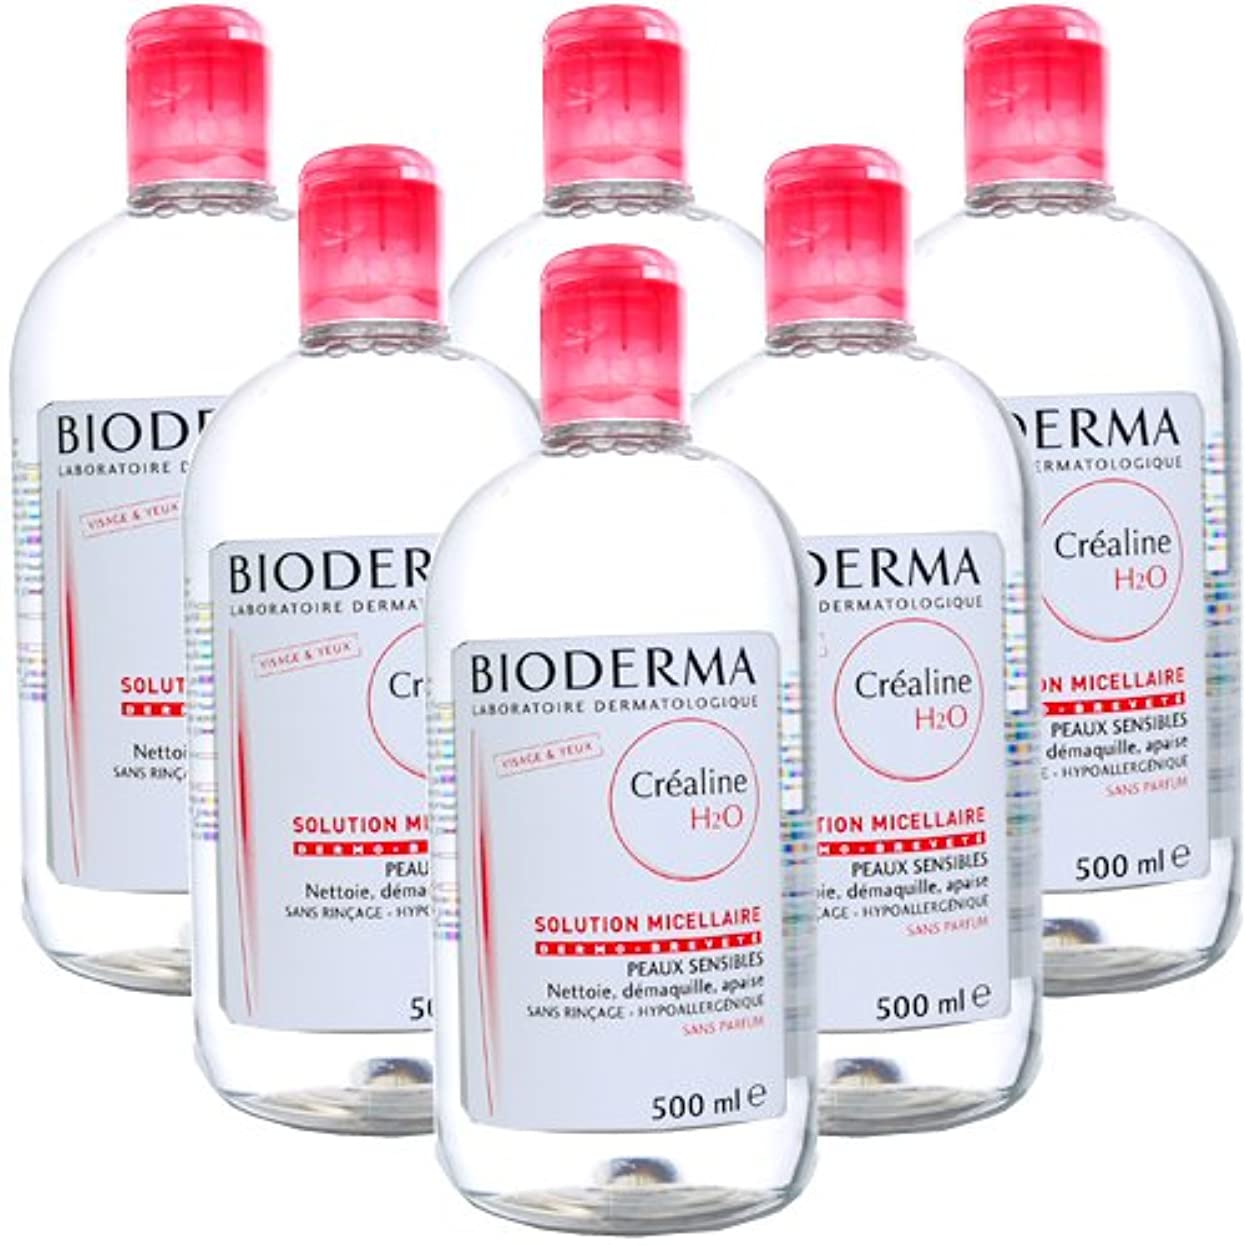 急流約束する式ビオデルマ BIODERMA サンシビオ H2O (エイチ ツーオー) D 500mL 【6本セット】 [並行輸入品]